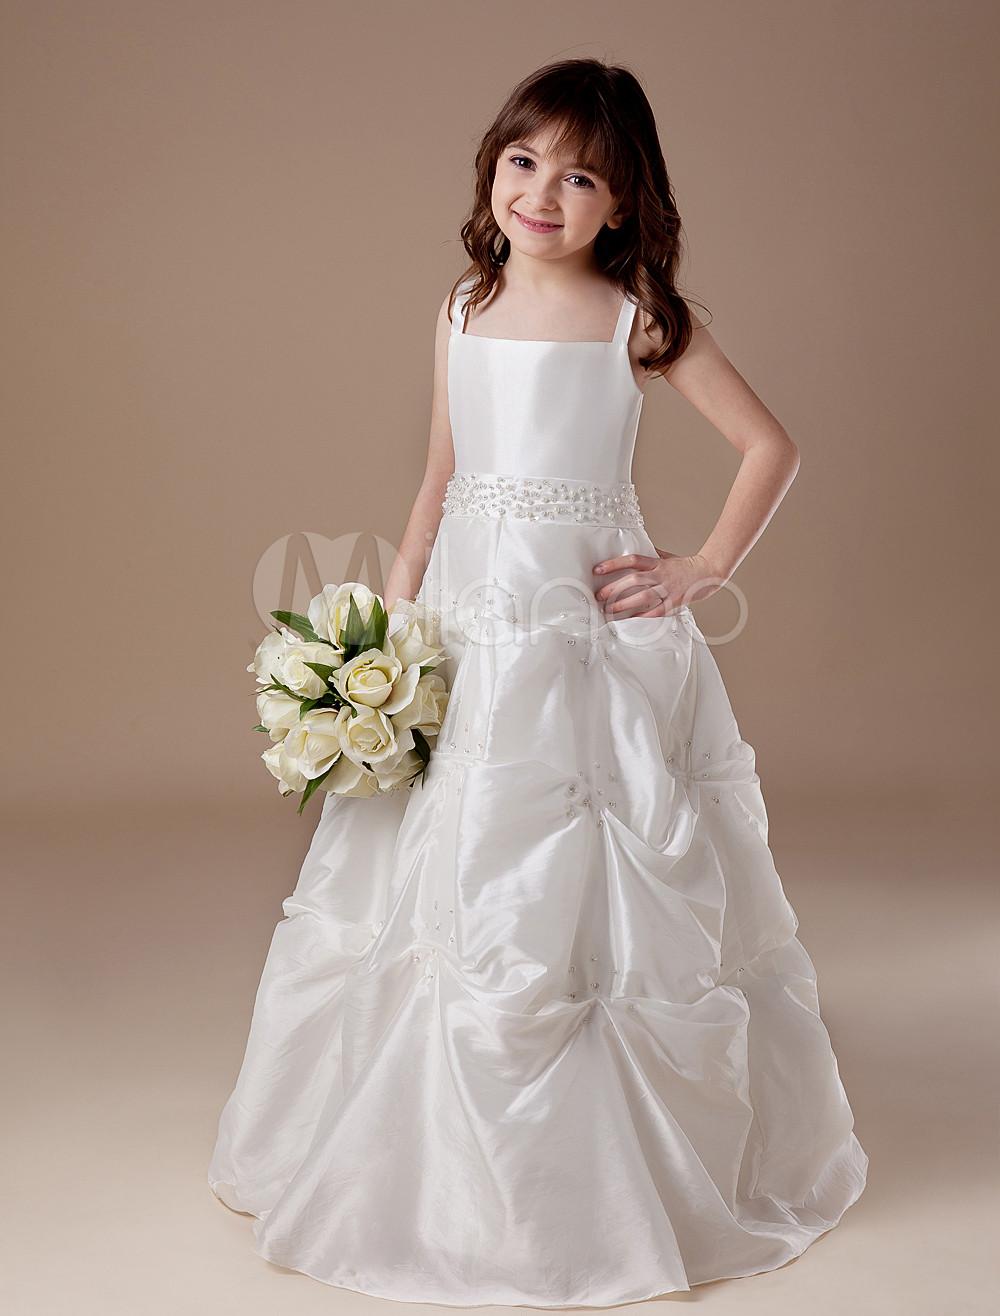 White Sleeveless Ball Gown Taffeta Flower Girl Dress (Wedding Flower Girl Dresses) photo